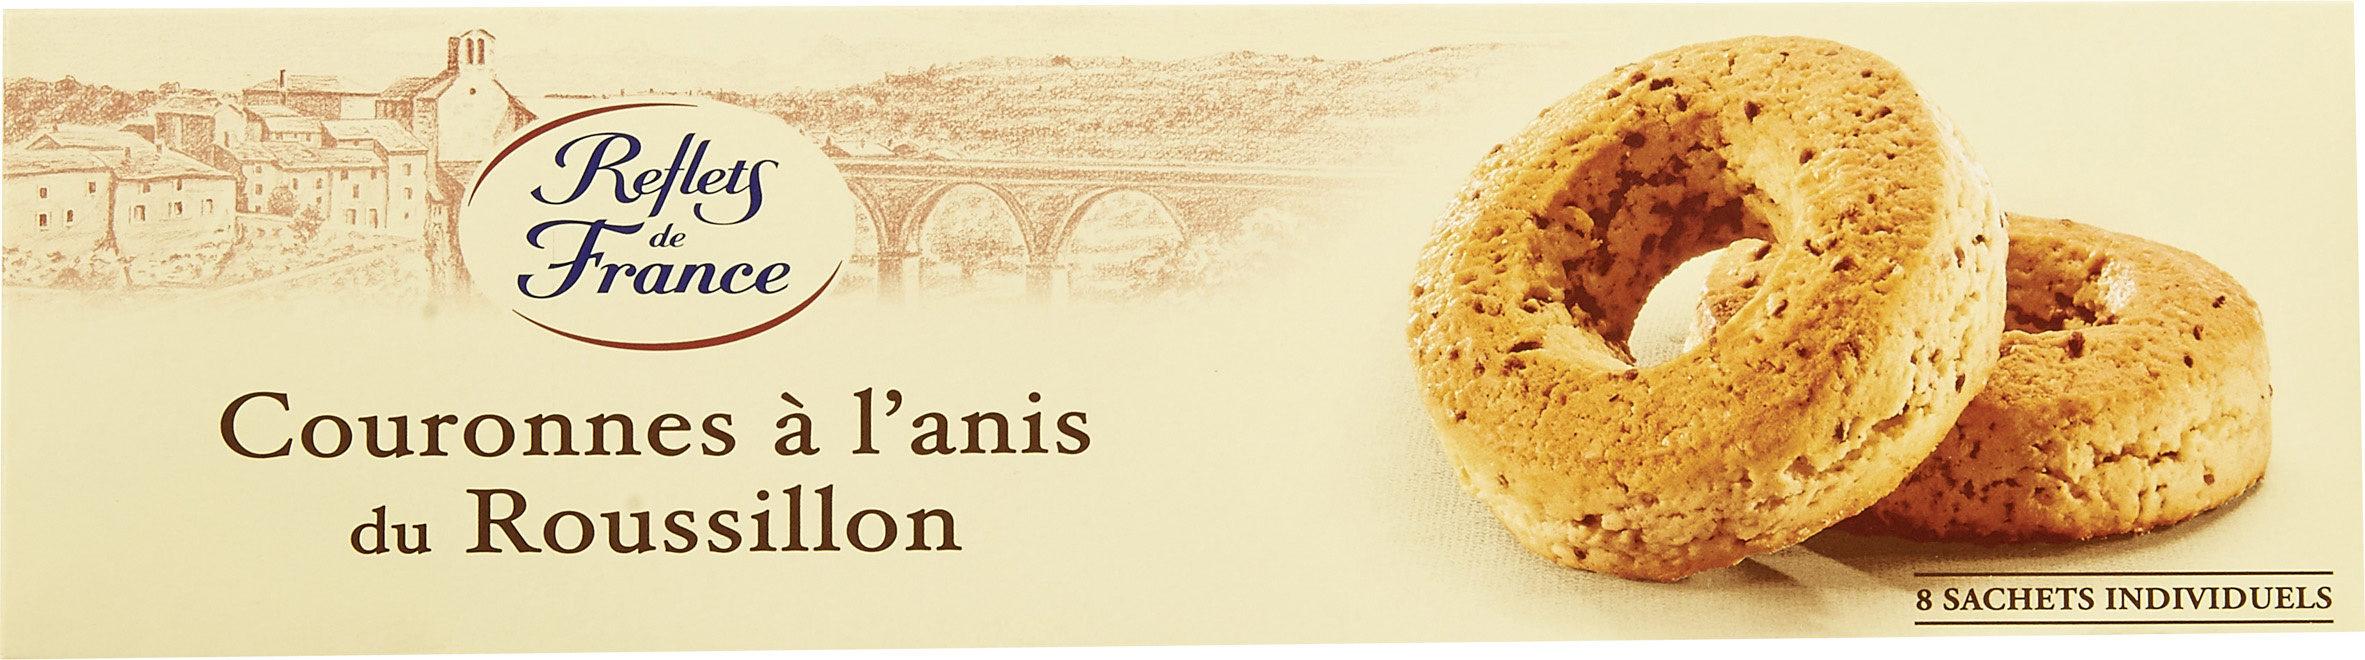 Couronnes du Roussillon à l'anis - Produit - fr